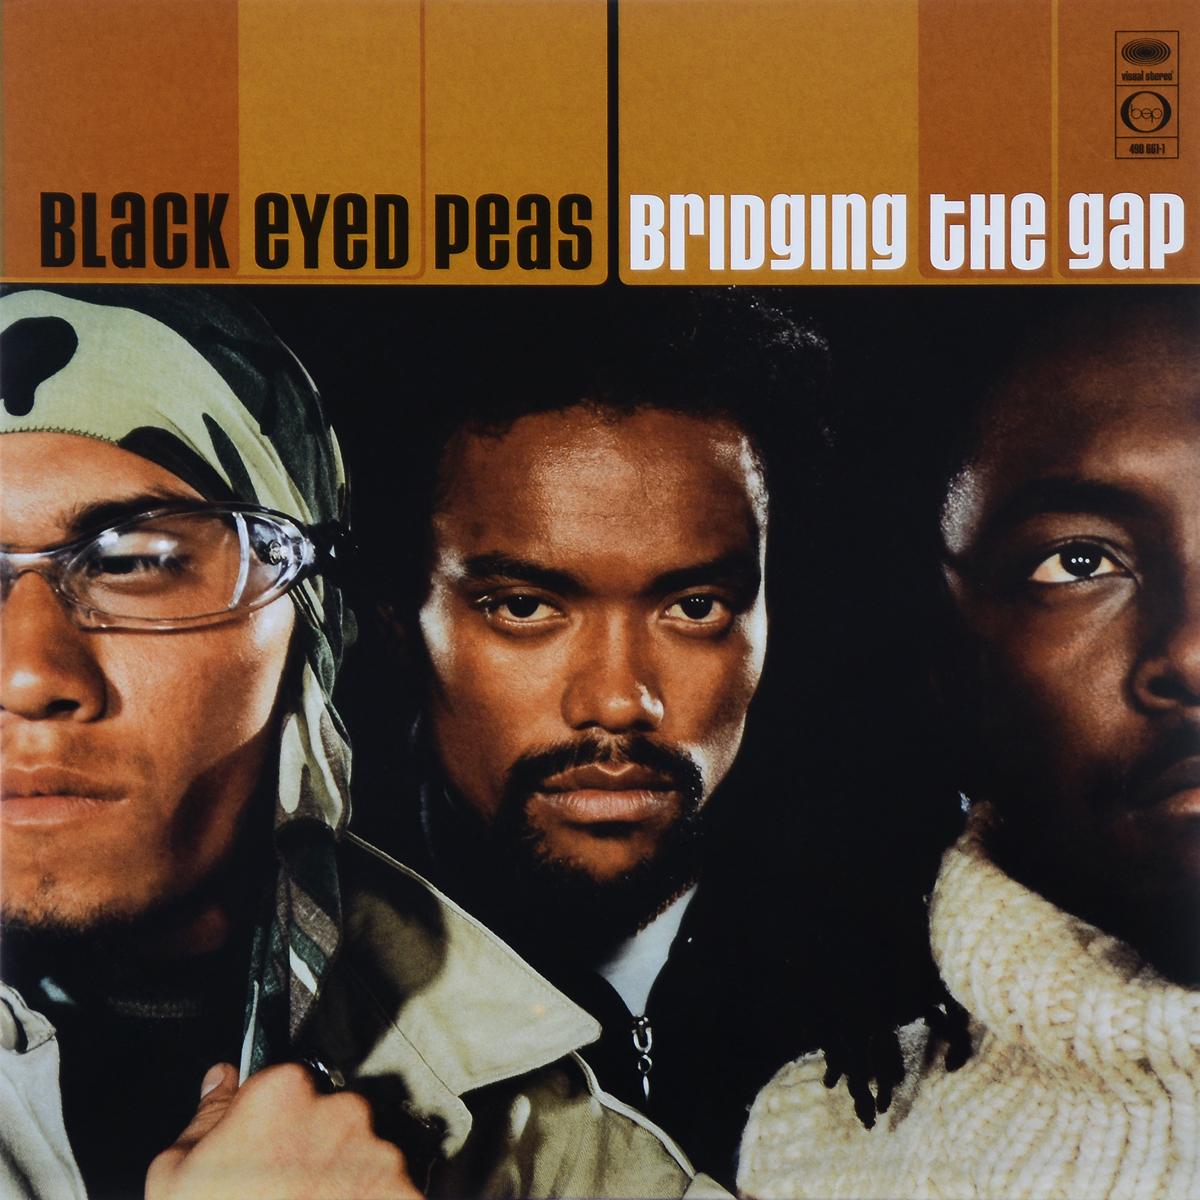 цена на The Black Eyed Peas Black Eyed Peas. The Bridging The Gap (2 LP)